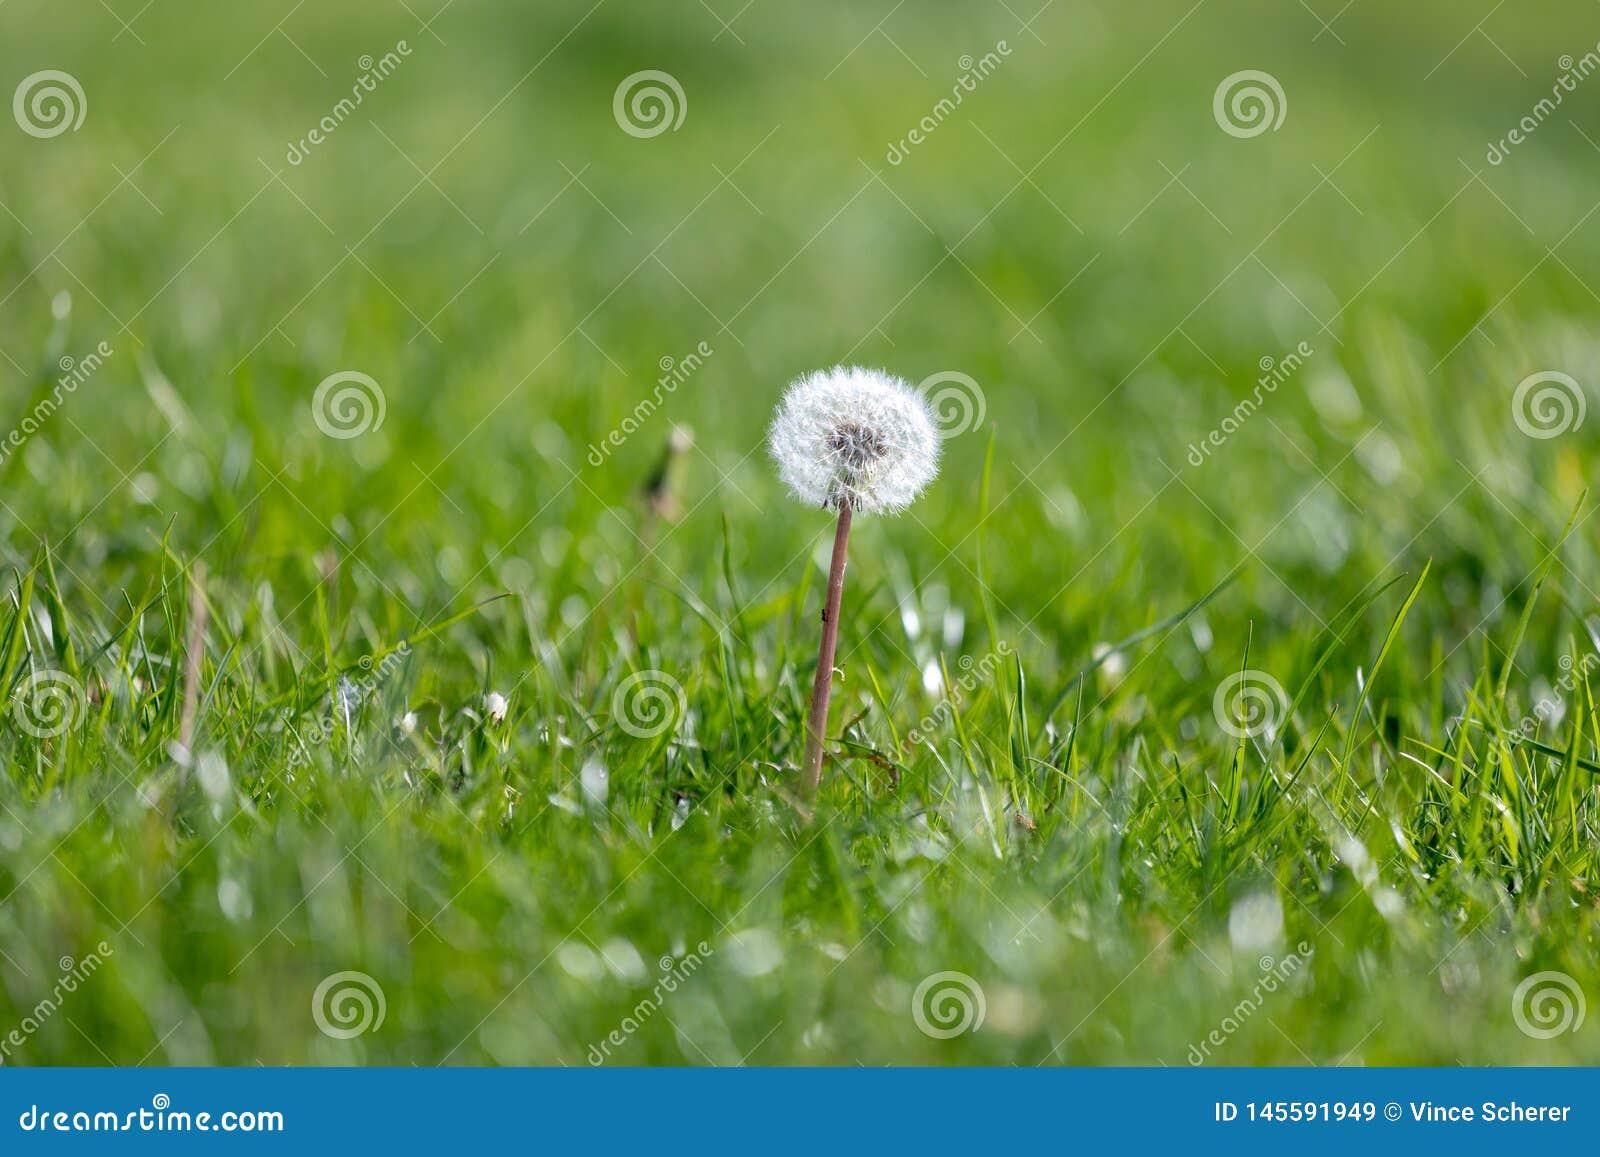 Ανάπτυξη λουλουδιών πικραλίδων μεταξύ της χλόης άνοιξη, μακρο λεπτομέρεια της πικραλίδας, επάνω στενή πικραλίδα